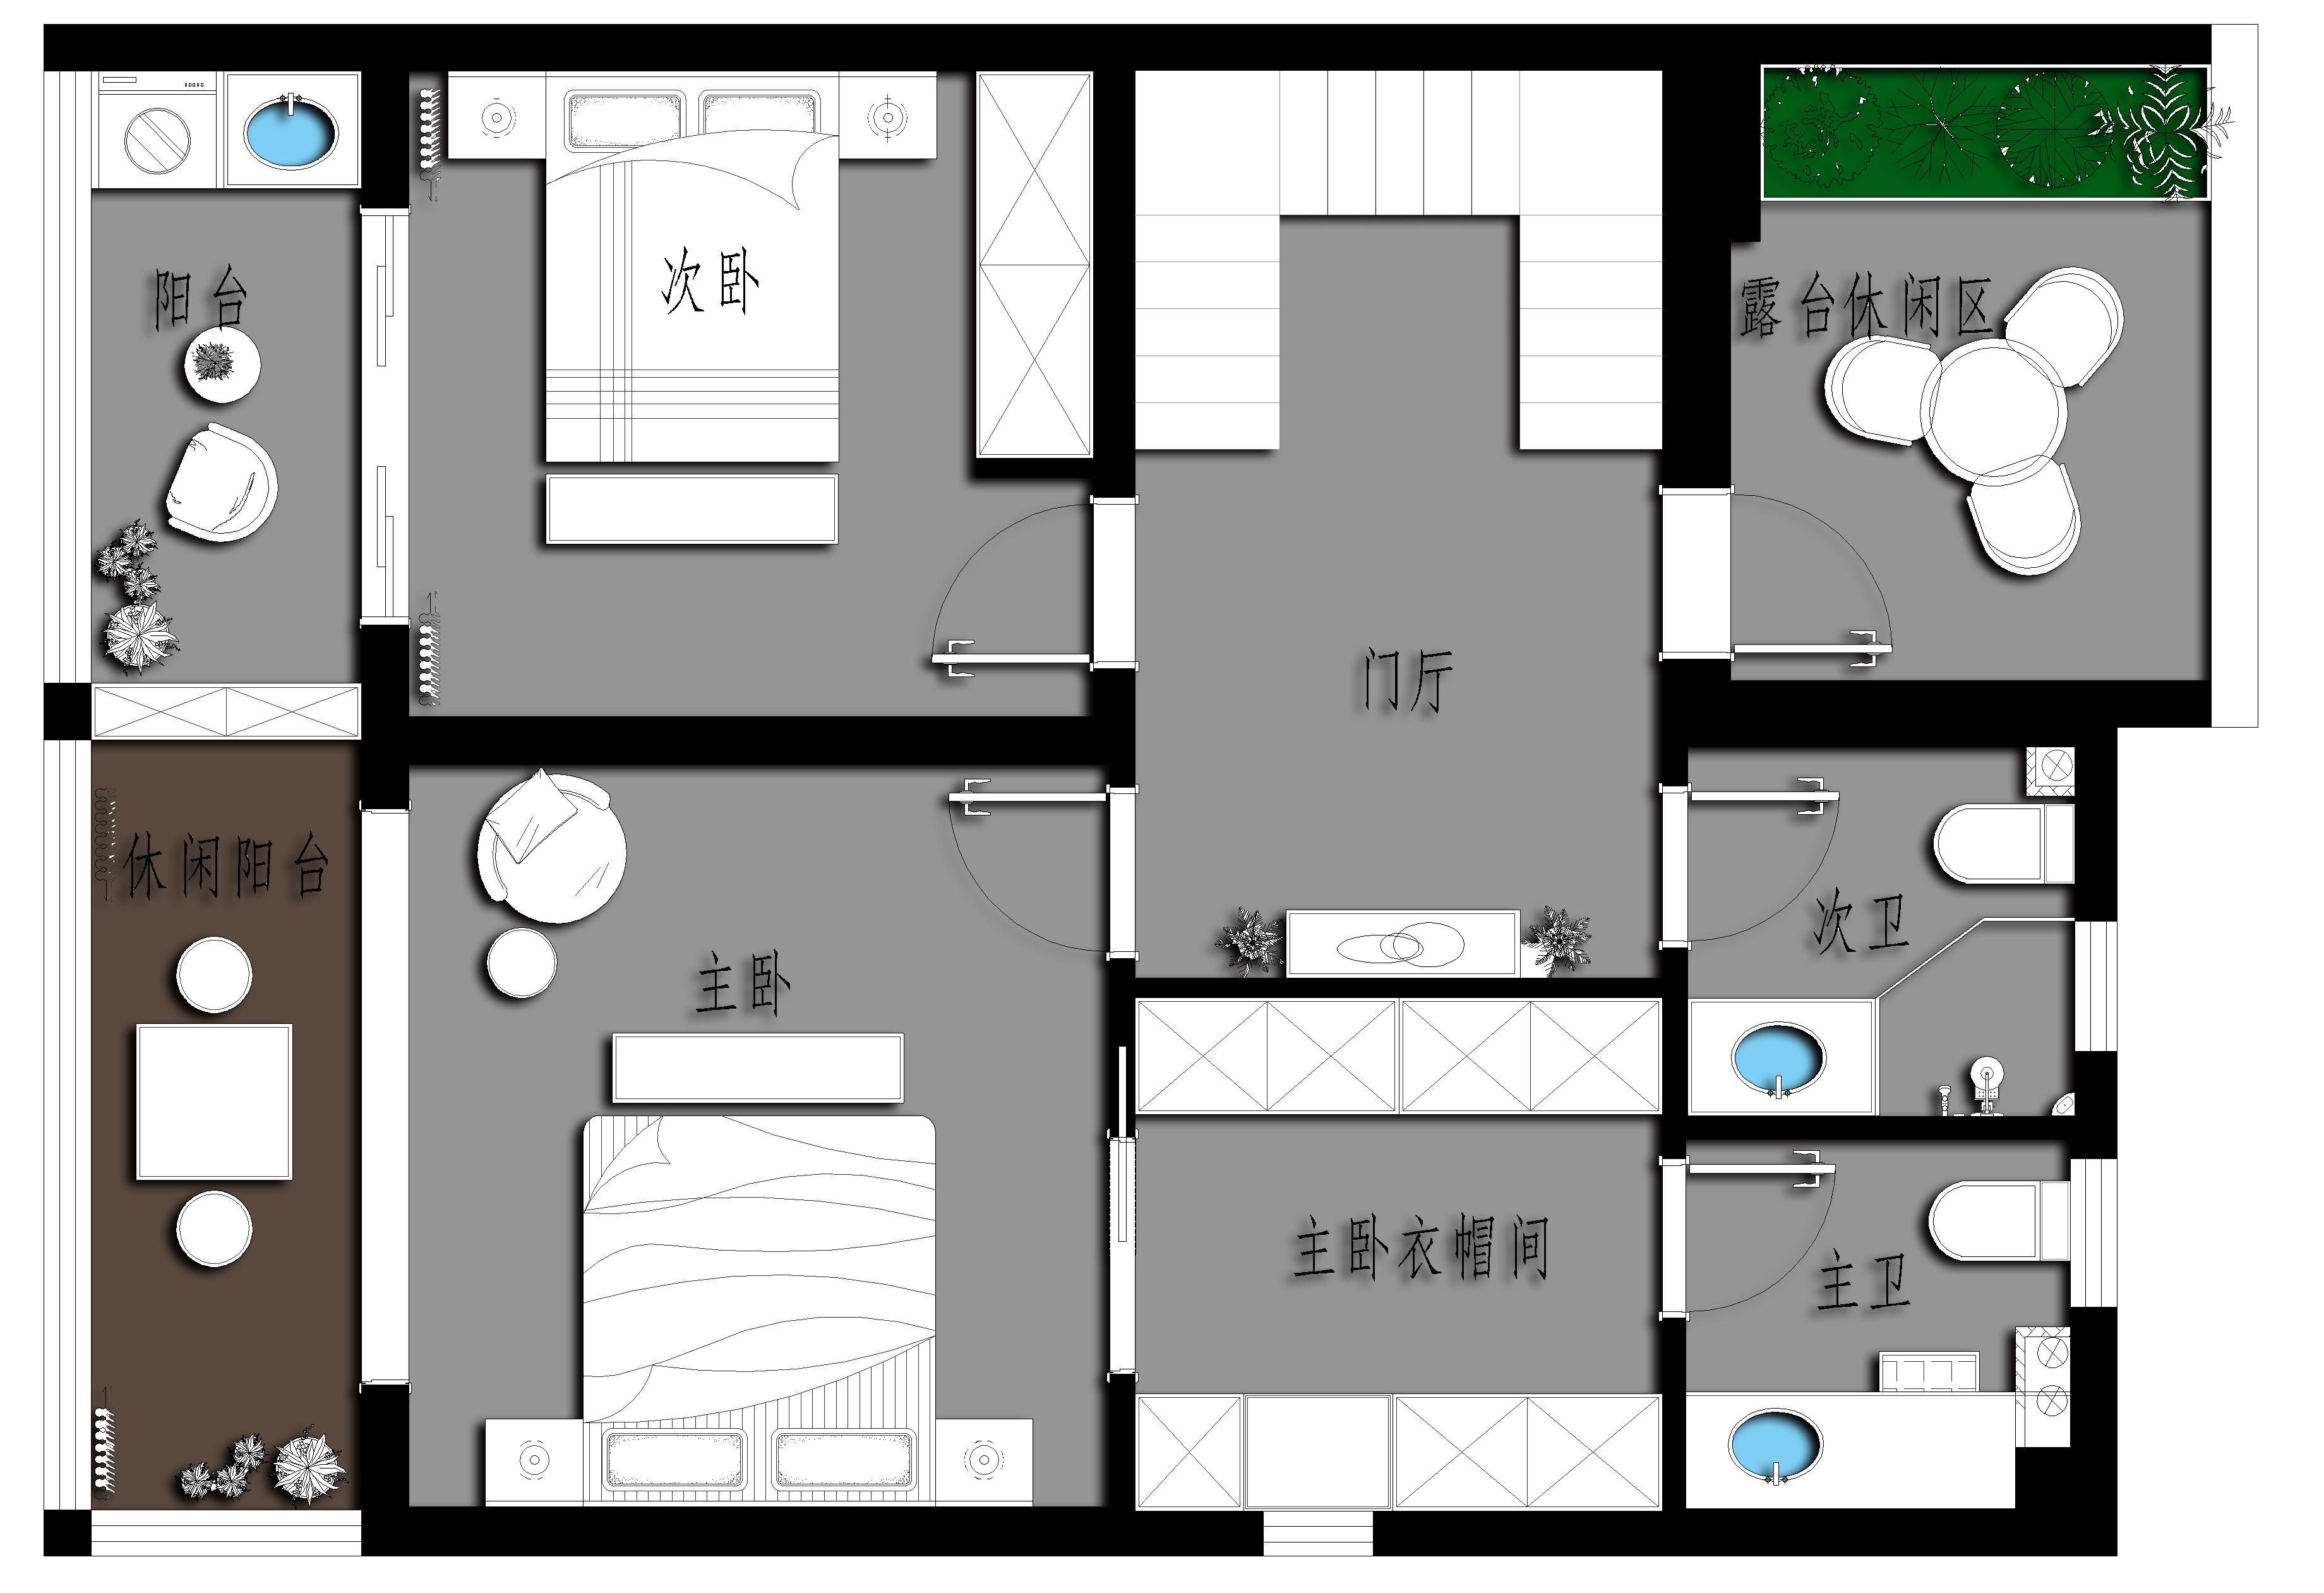 珠山小镇 159㎡ 新中式装修设计理念